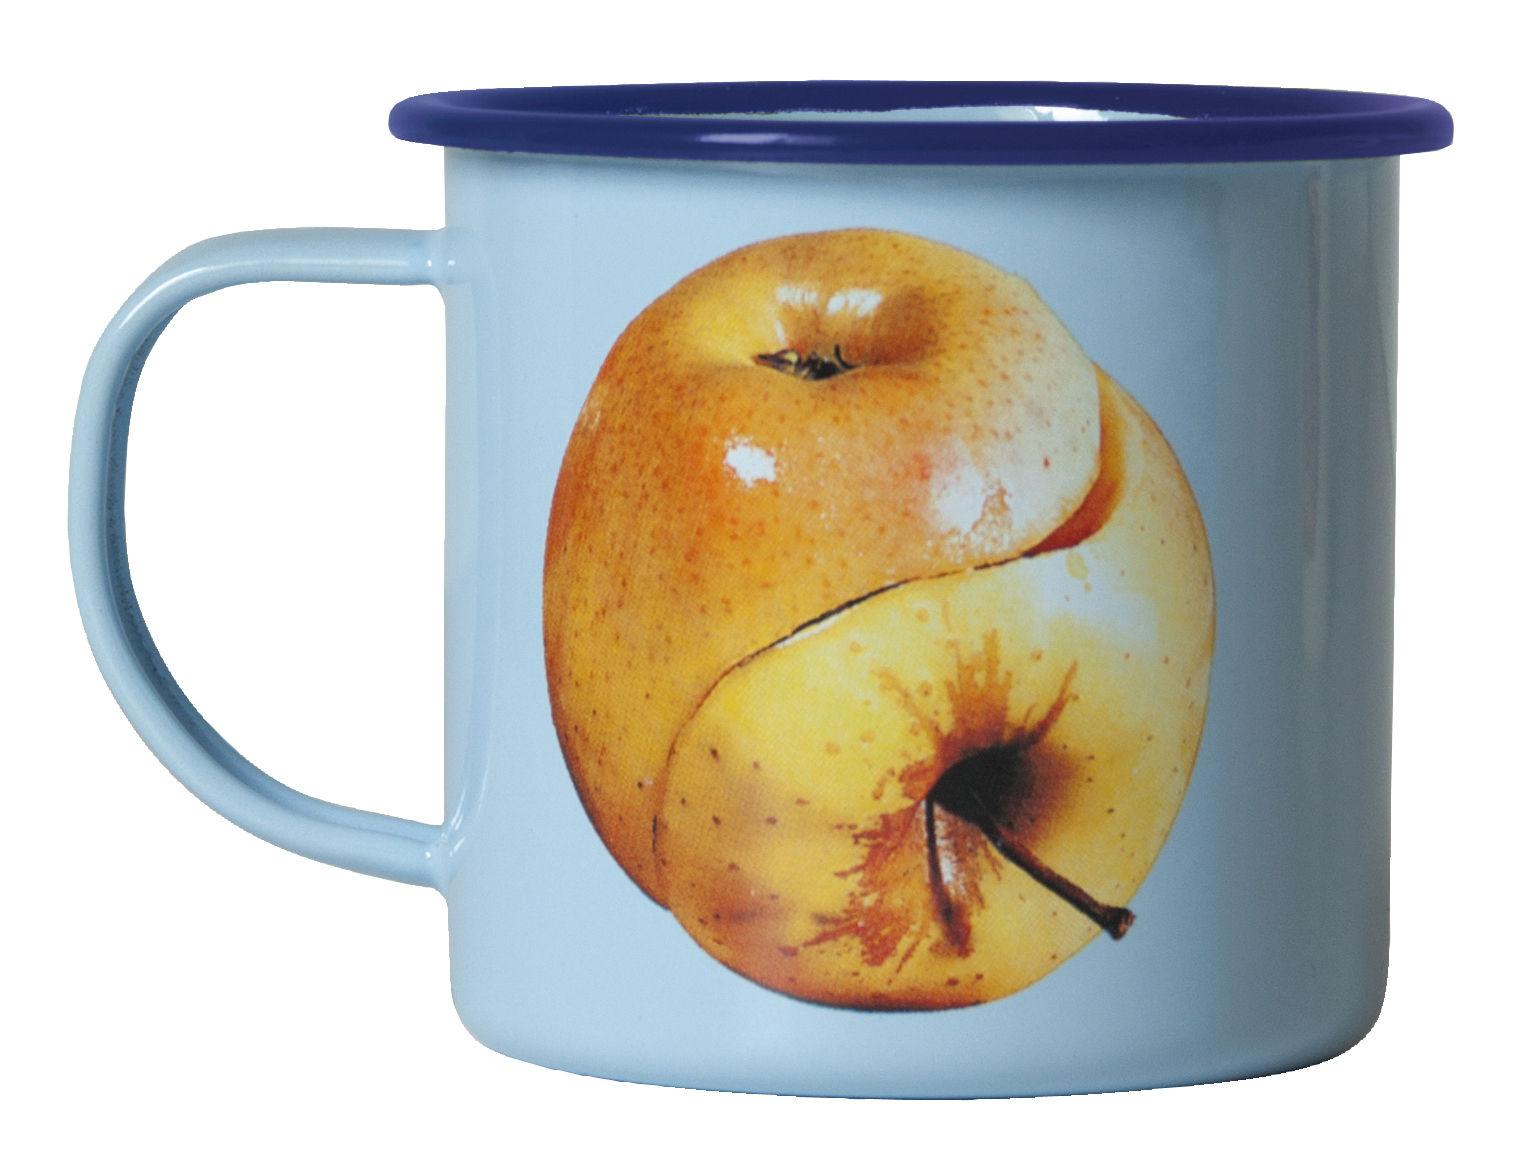 Tableware - Coffee Mugs & Tea Cups - Toiletpaper Mug - / Ying & Yang Apple by Seletti - Yin & Yang apple - Enamelled metal